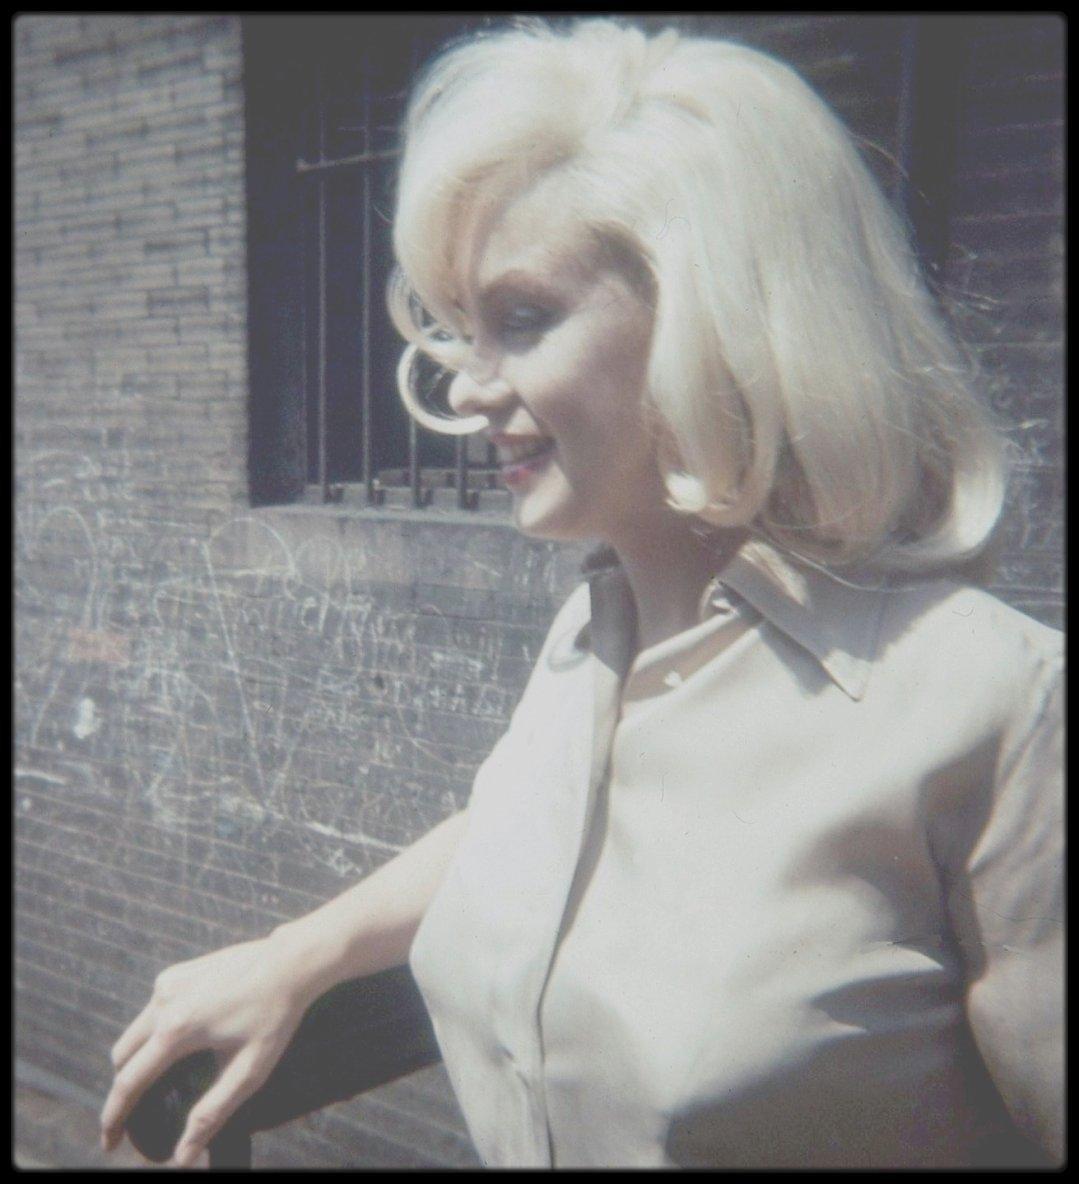 """1960 / (Photos James HASPIEL, Frieda HULL) / Marilyn à Los Angeles, pour les essais costumes et coiffures pour le film """"The misfits""""."""